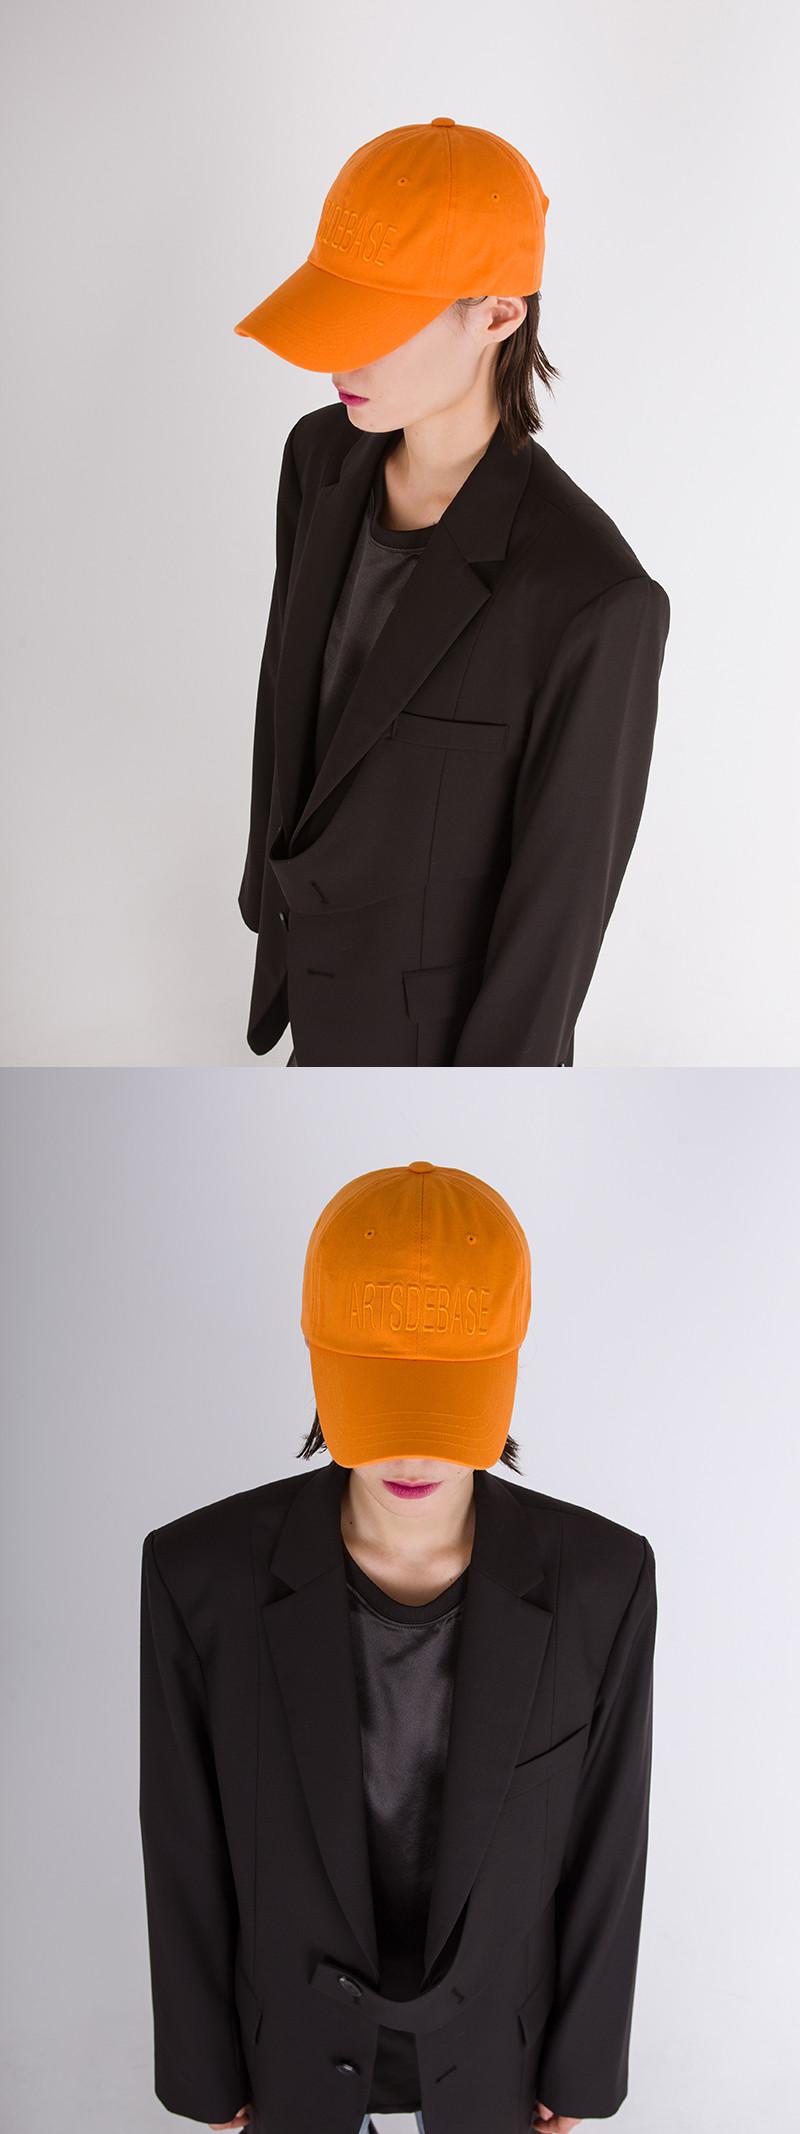 20 bio Signature cap (Orange)